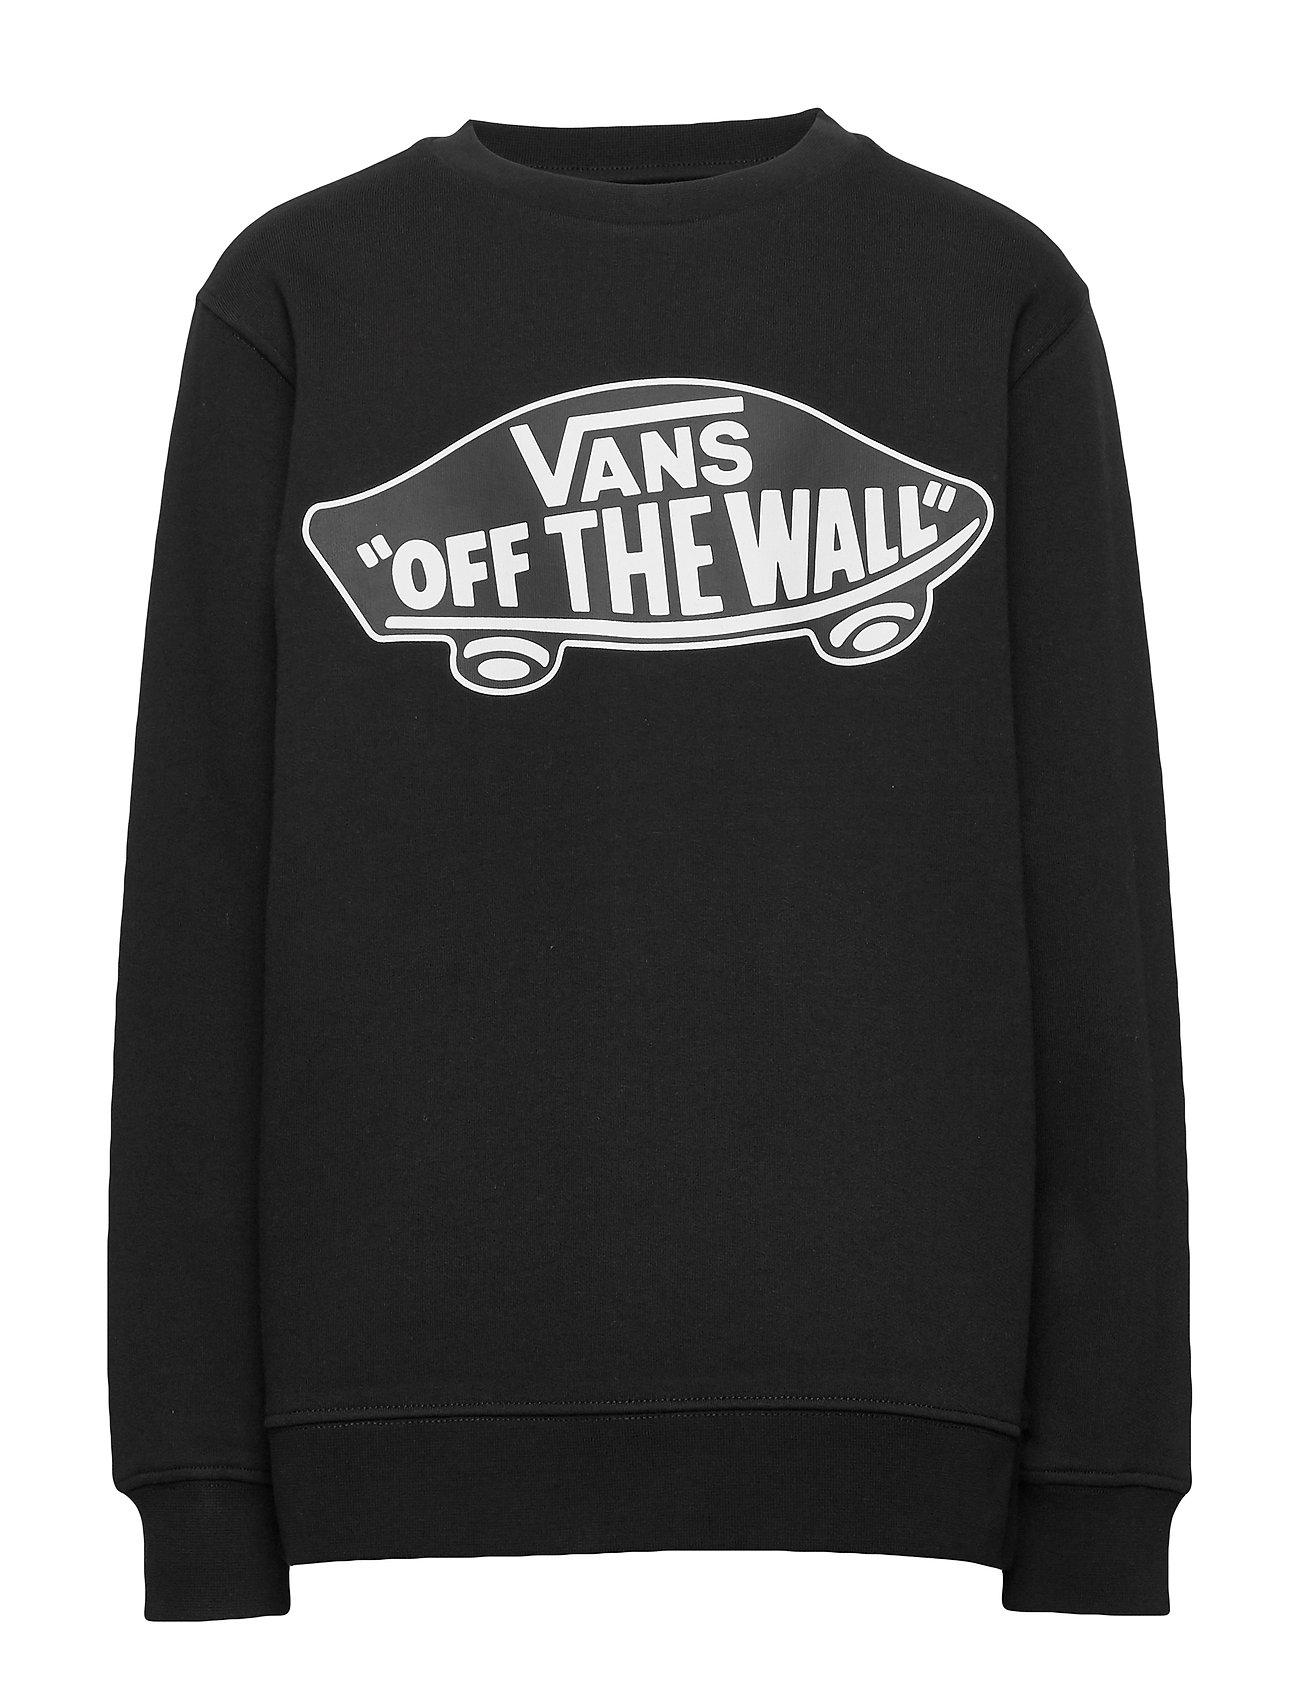 VANS OTW CREW BOYS - BLACK/WHITE OUTLINE